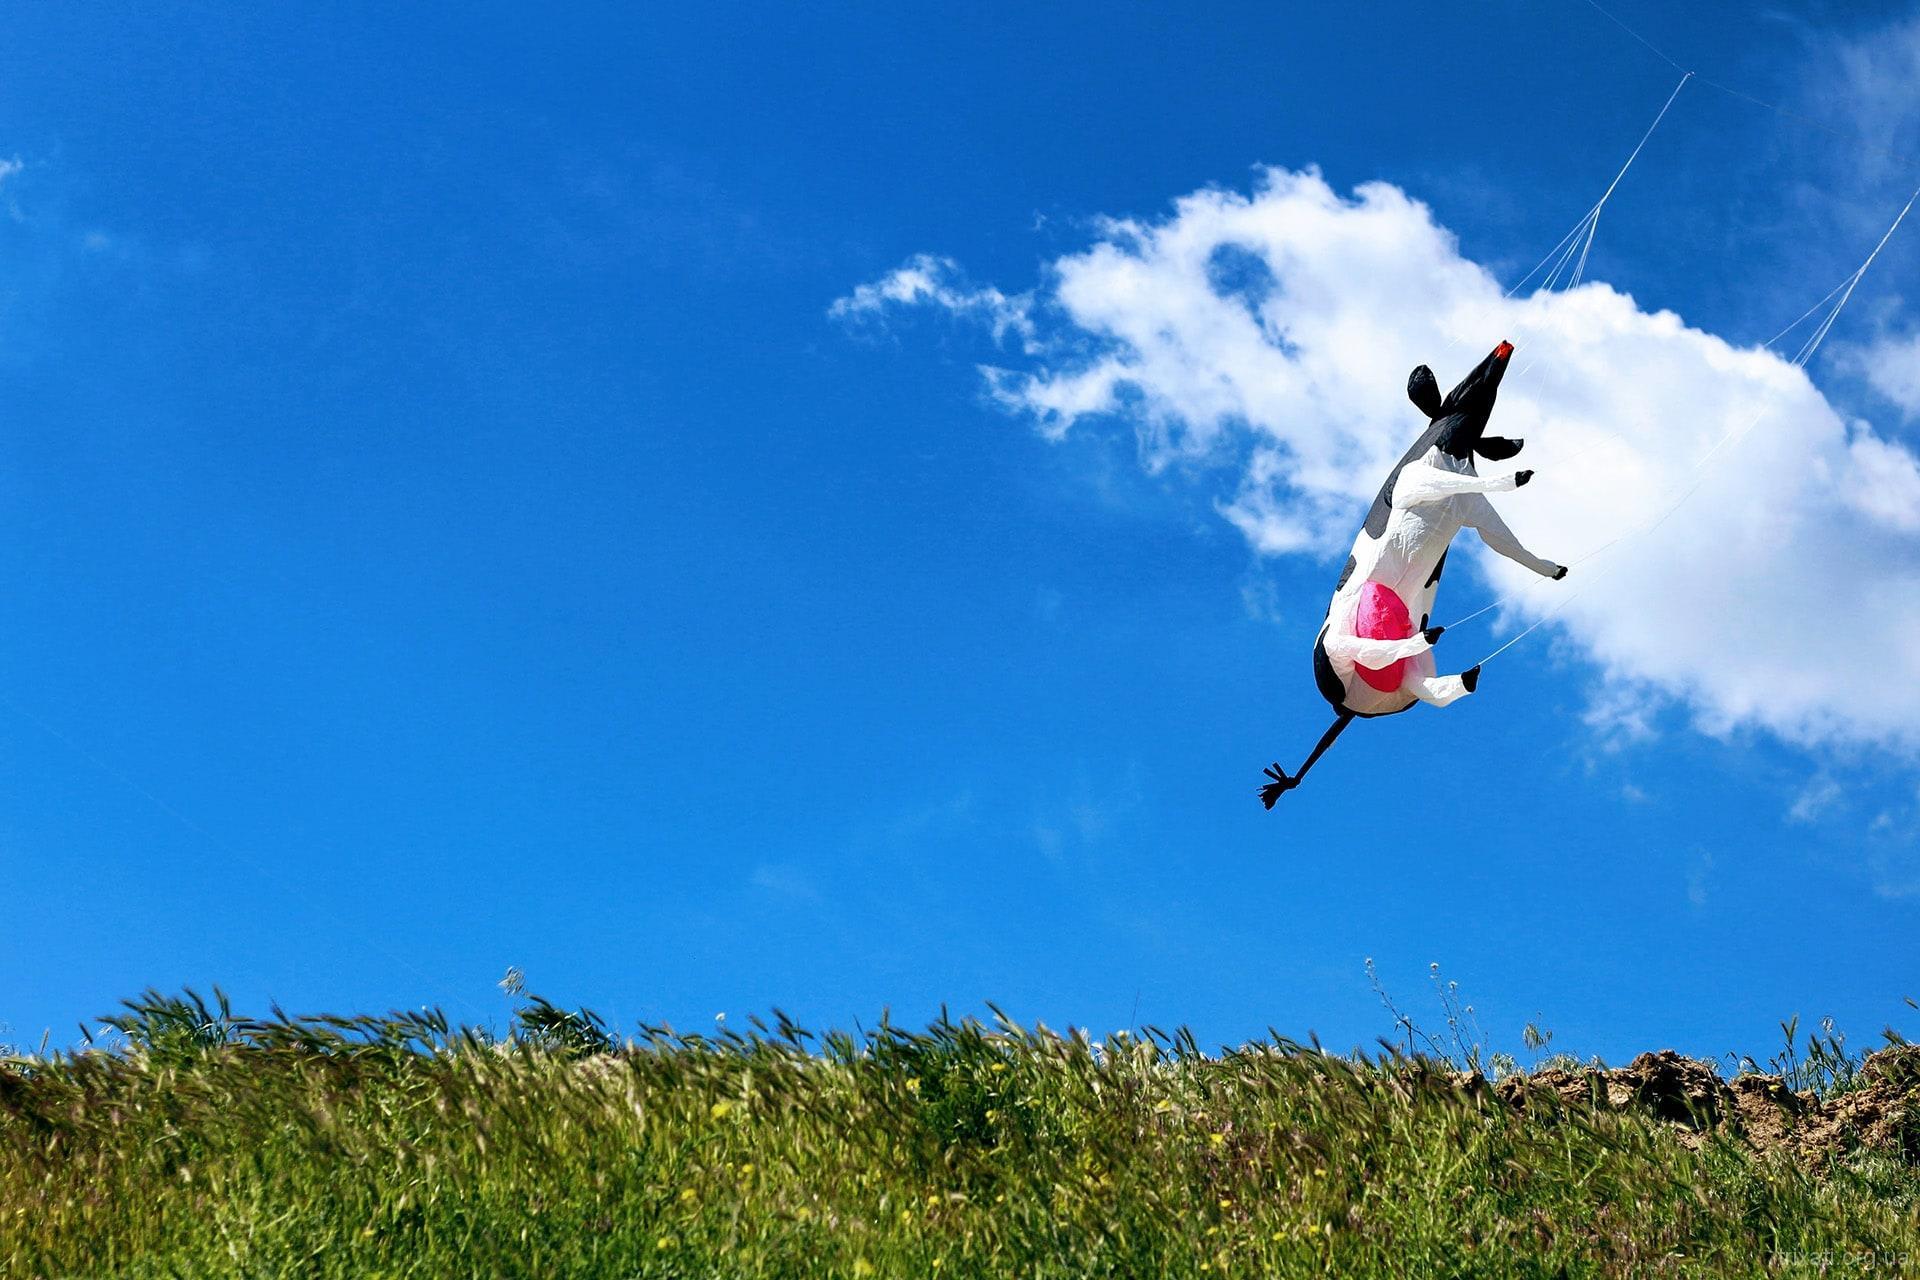 Tryhutty International Kite Festival 2017